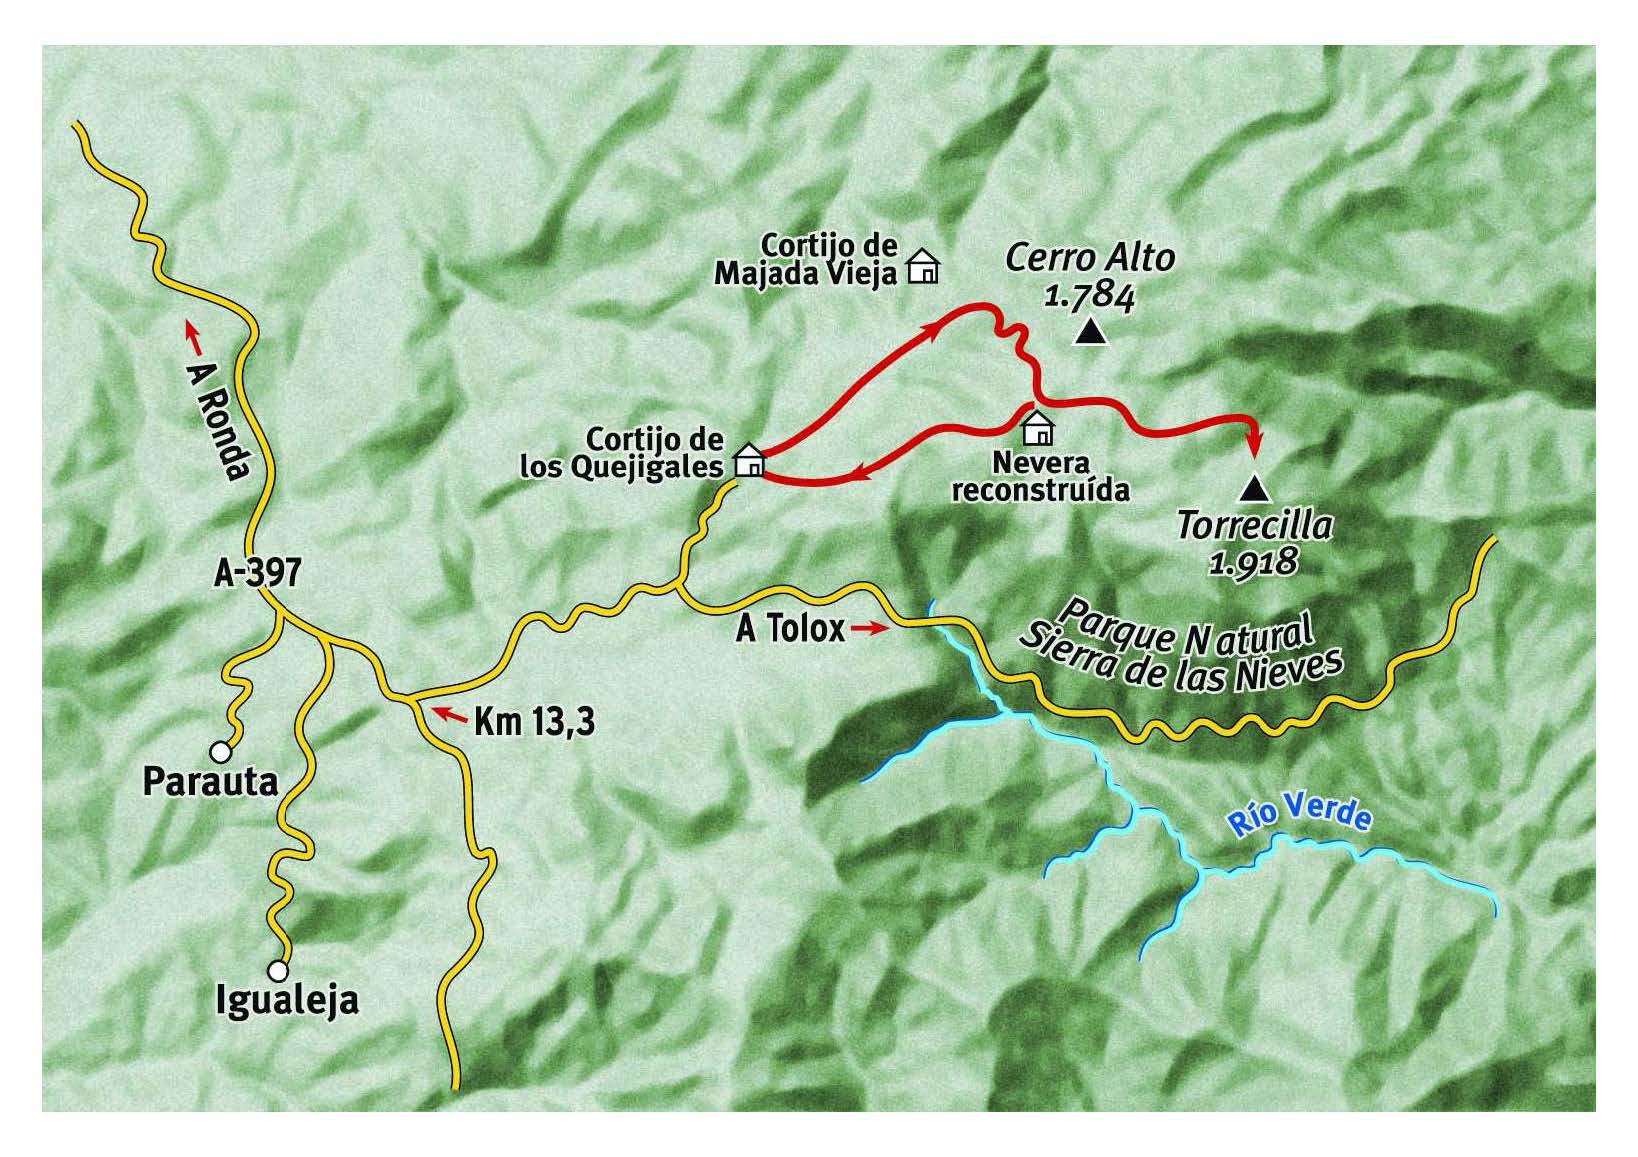 ruta-al-pico-torrecilla-en-la-sierra-de-las-nieves.jpg